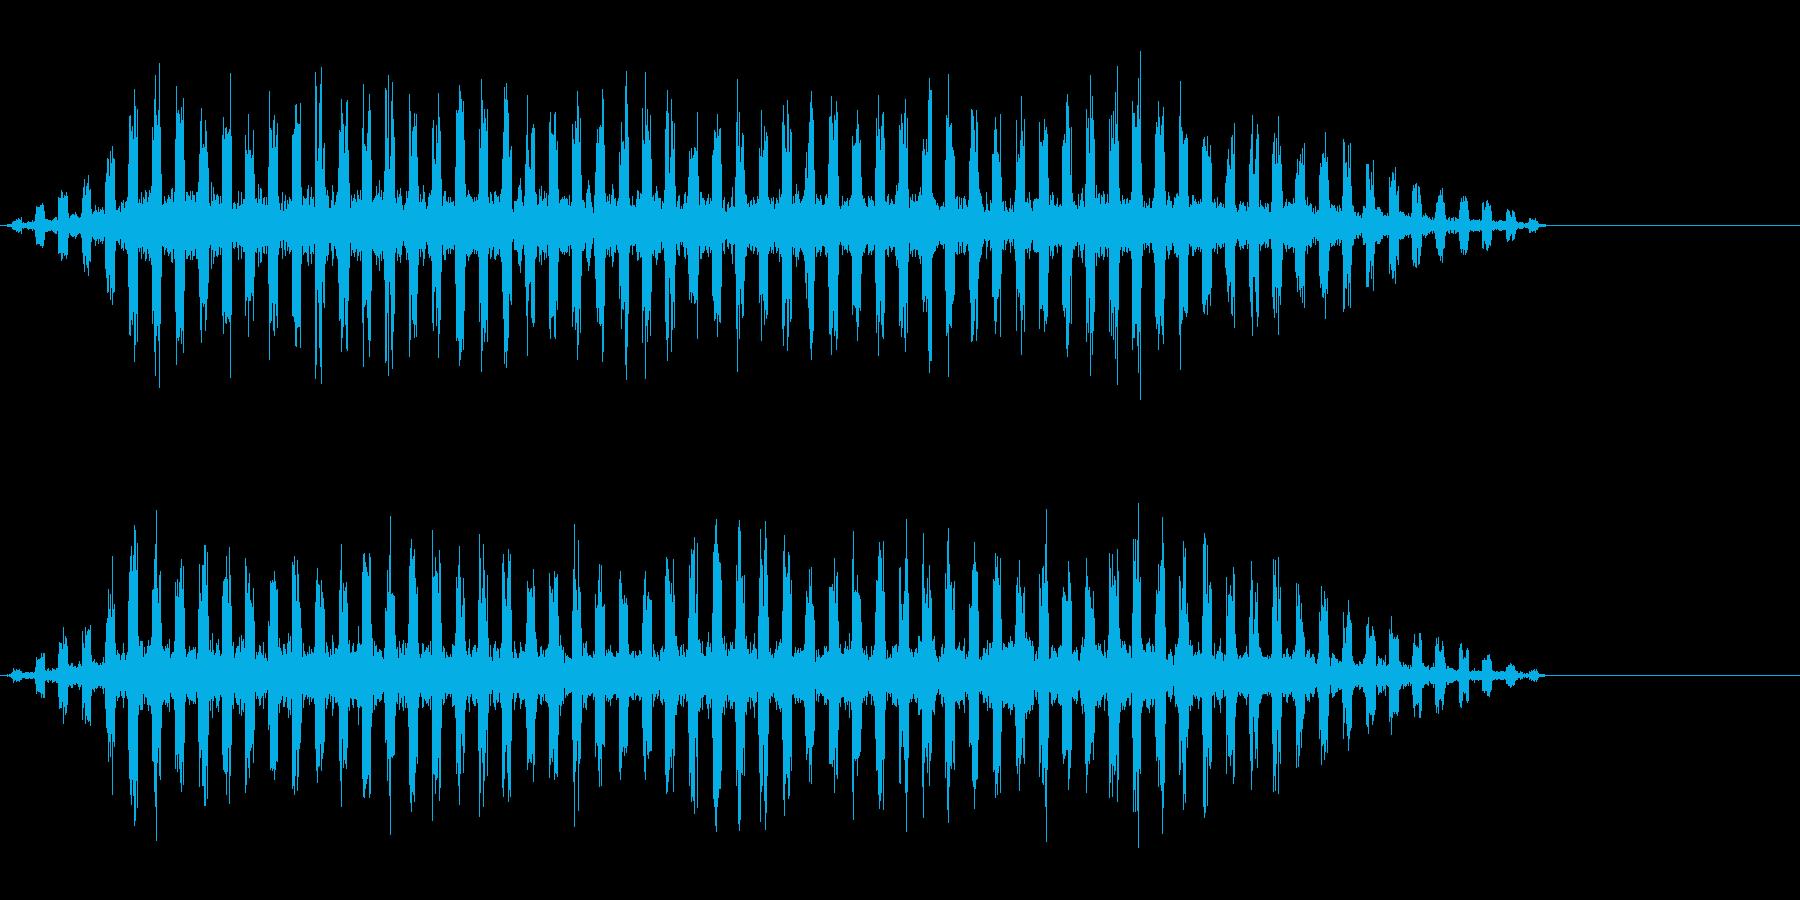 テロップ・サイエンス・ニュースの再生済みの波形